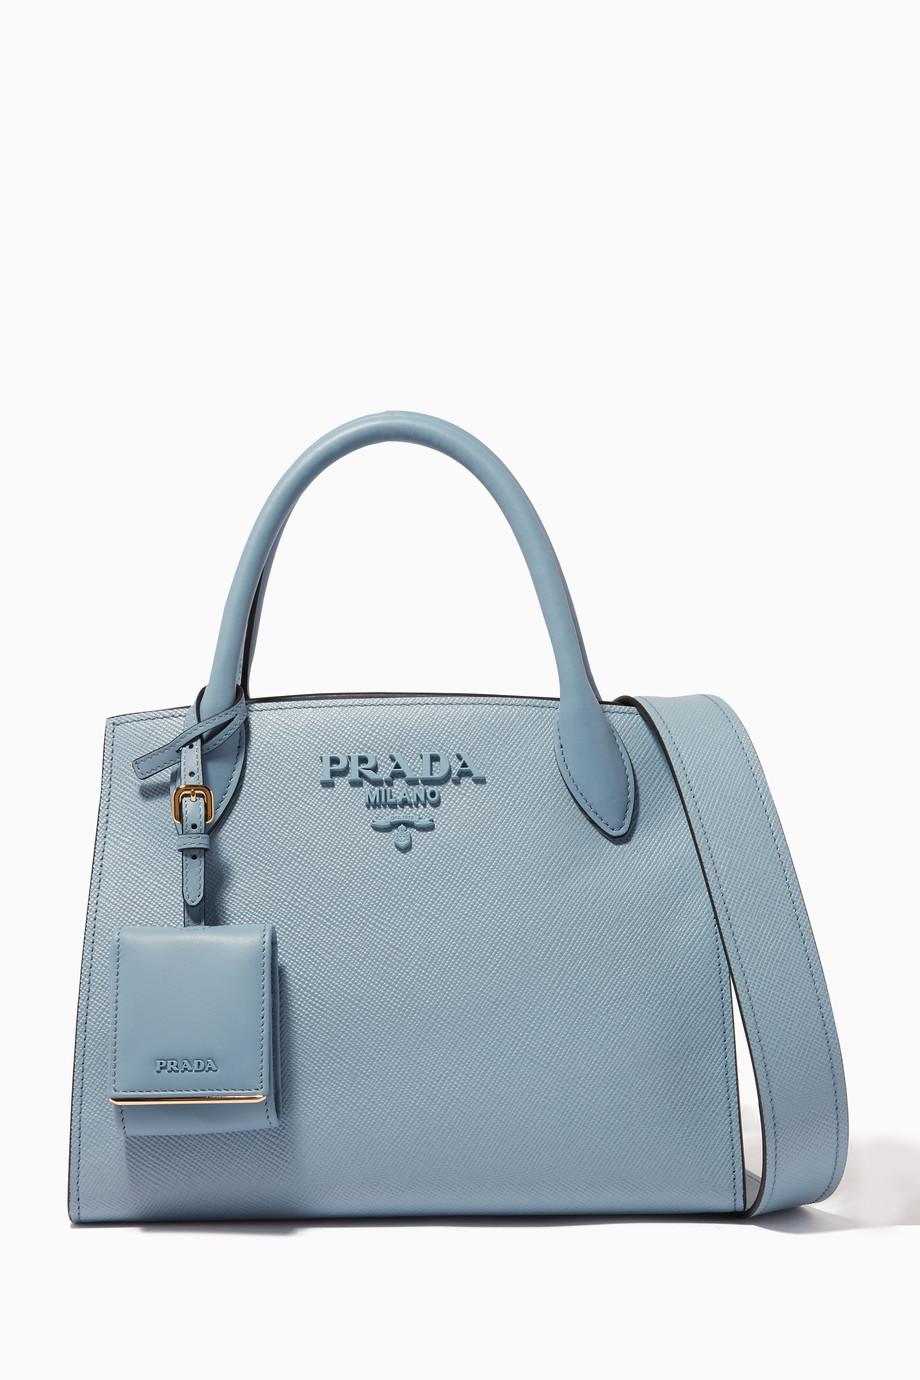 79baff63cc95 Shop Prada Blue Blue Small Monochrome Saffiano Tote Bag for Women ...